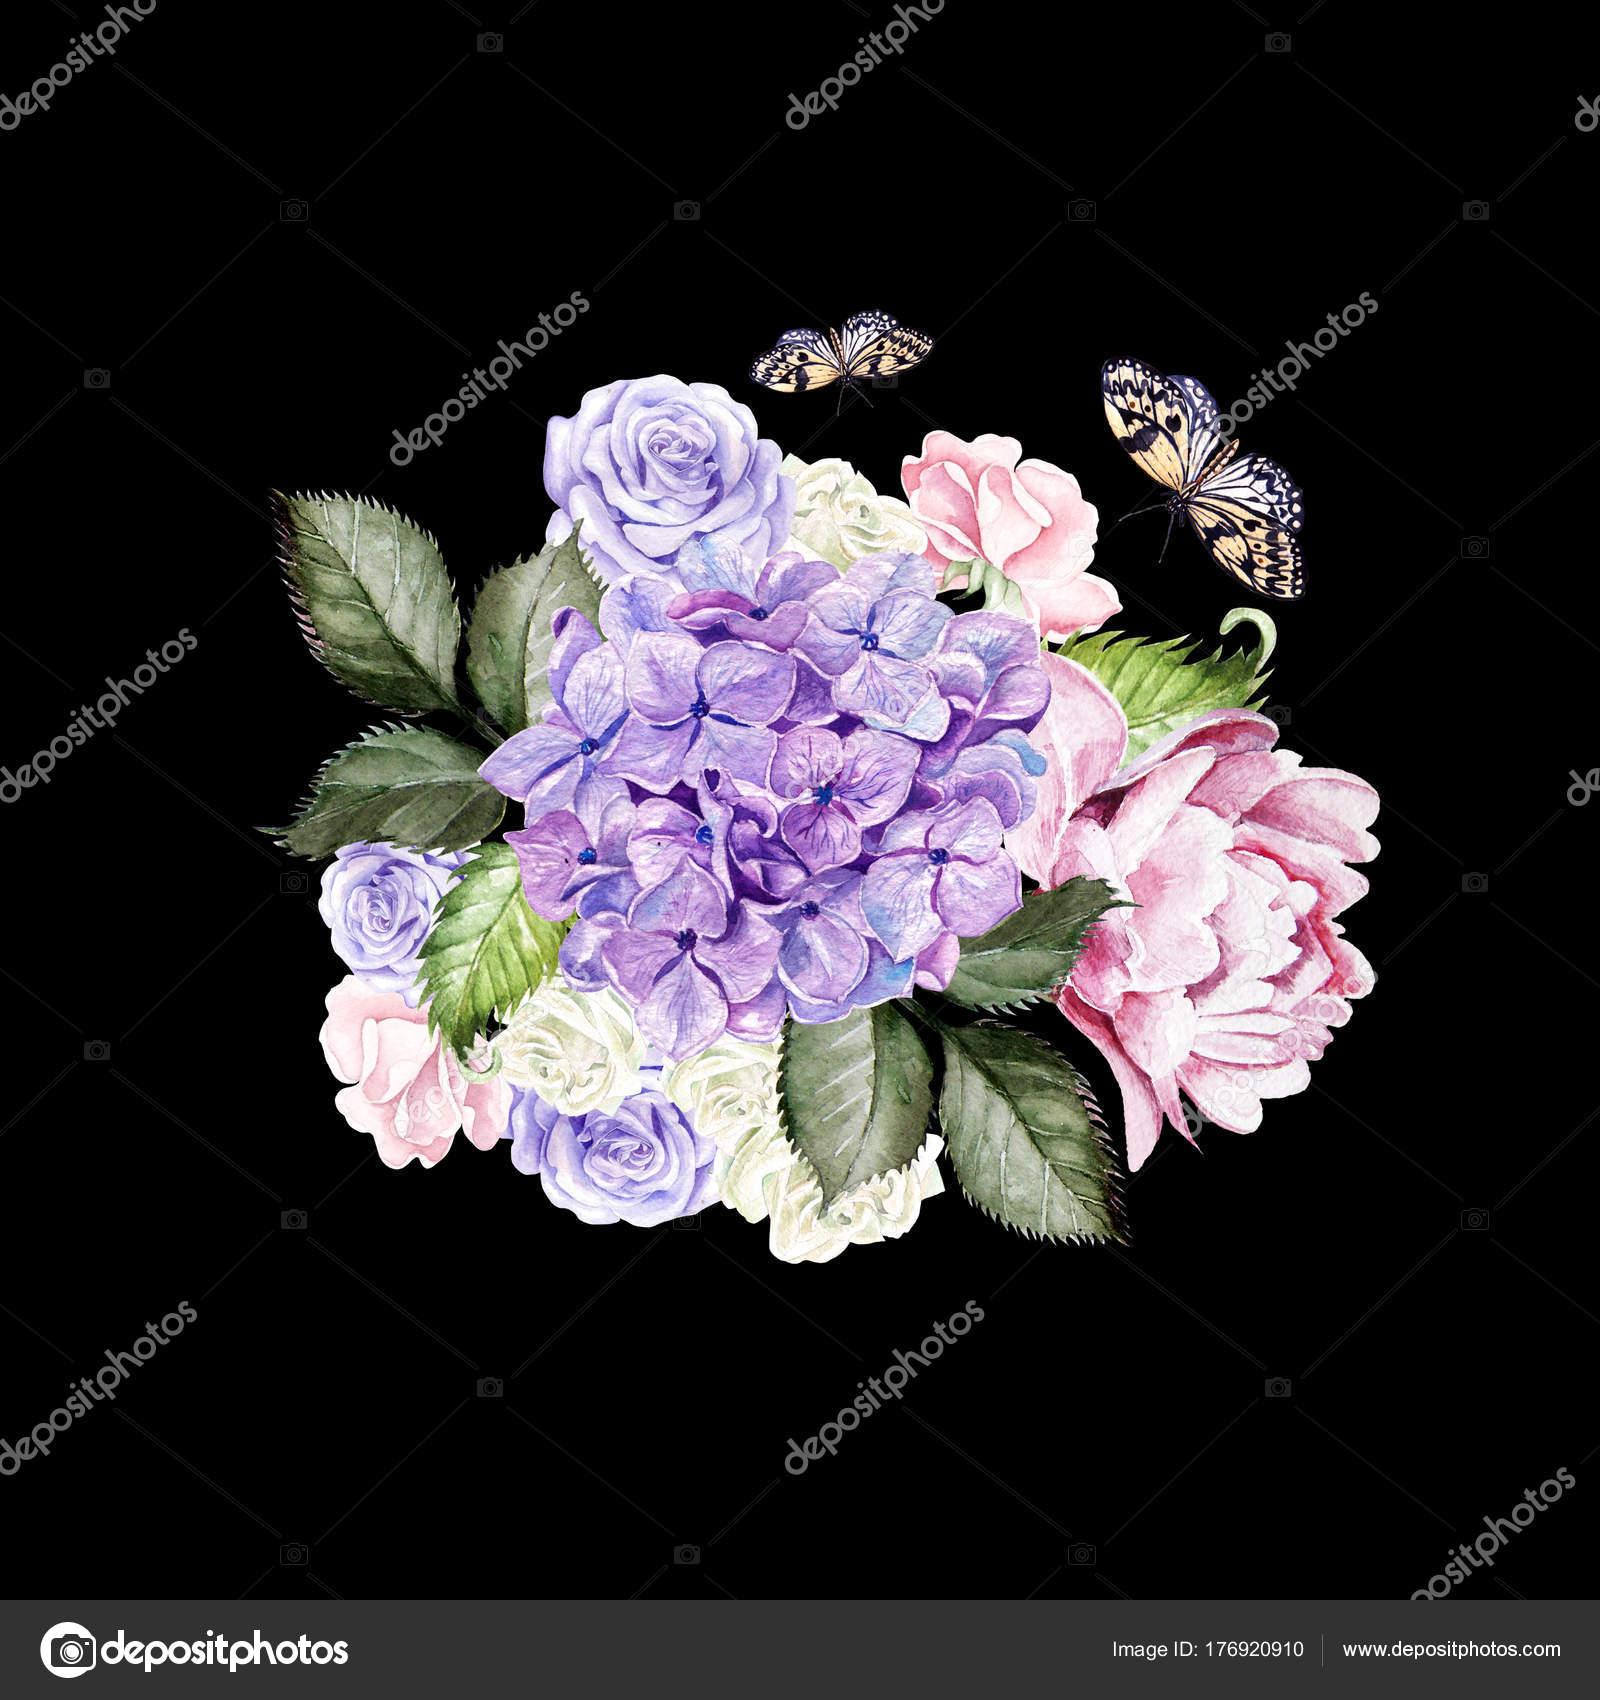 aquarell brautstrau mit rosen pfingstrosen und hortensien illustration stockfoto. Black Bedroom Furniture Sets. Home Design Ideas